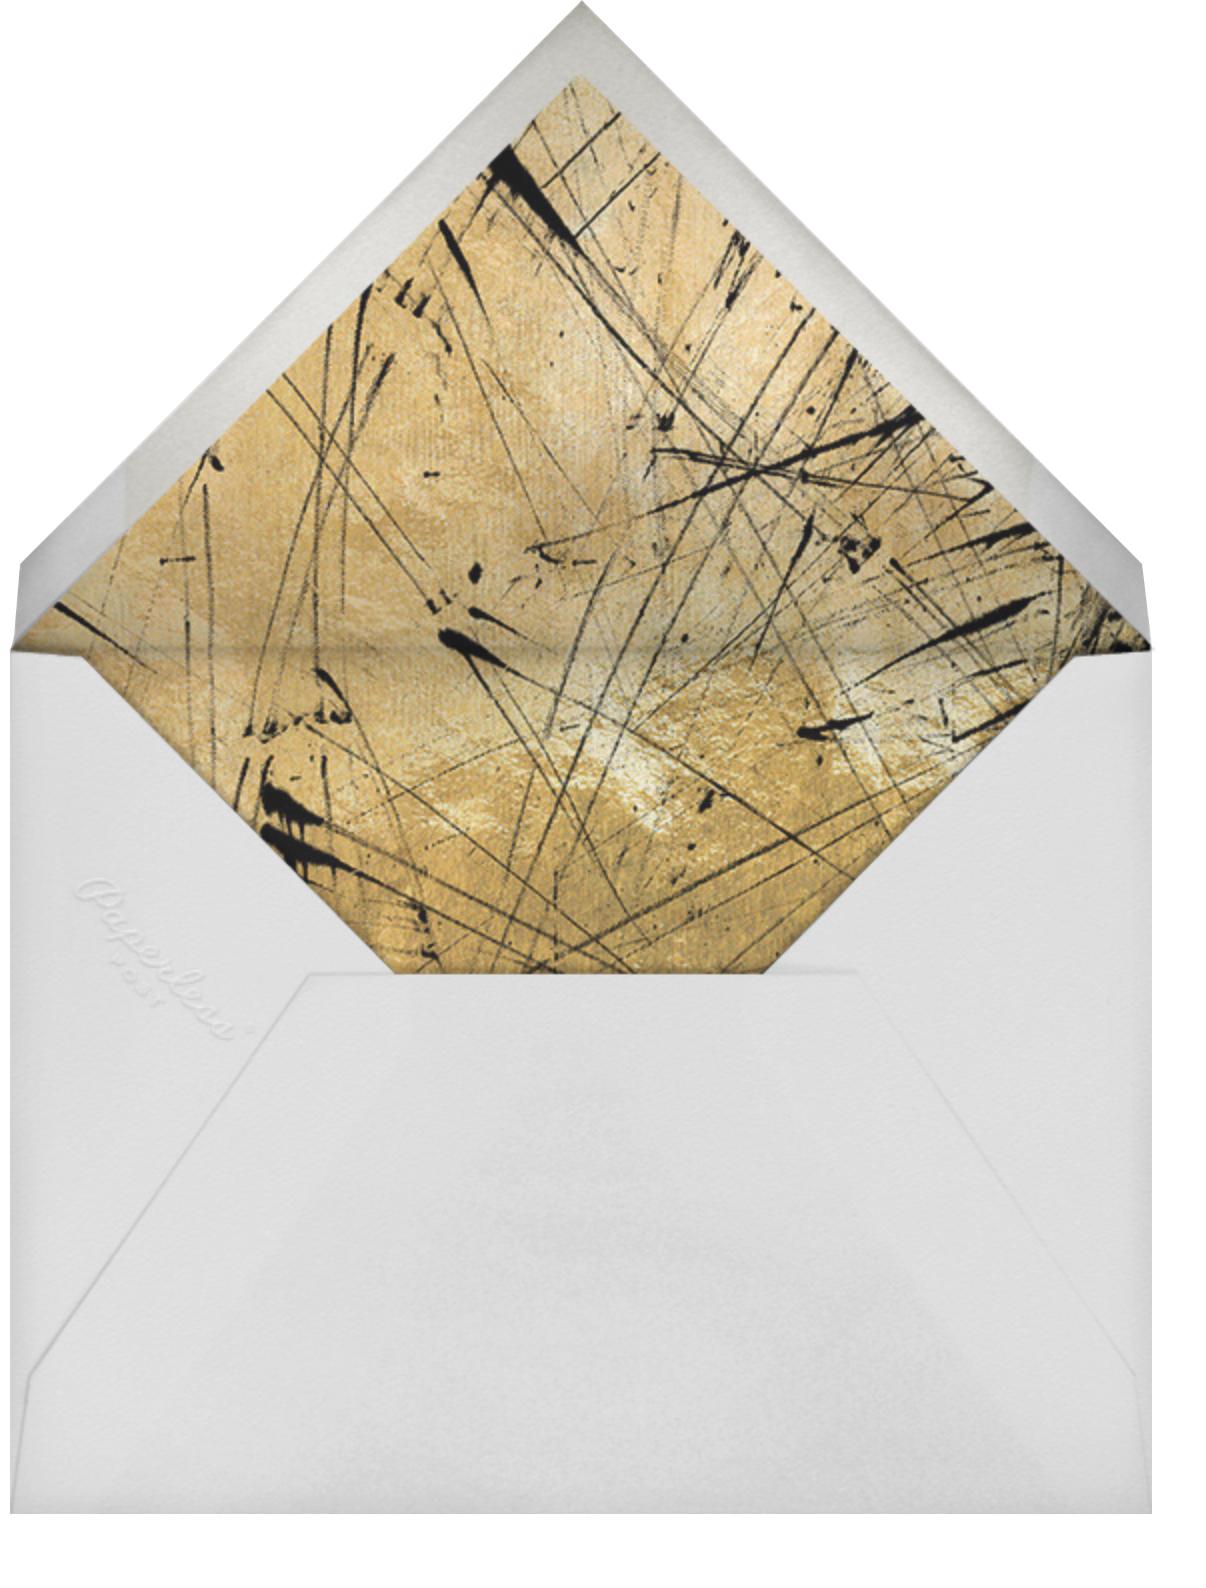 Tinsel - Kelly Wearstler - Holiday cards - envelope back